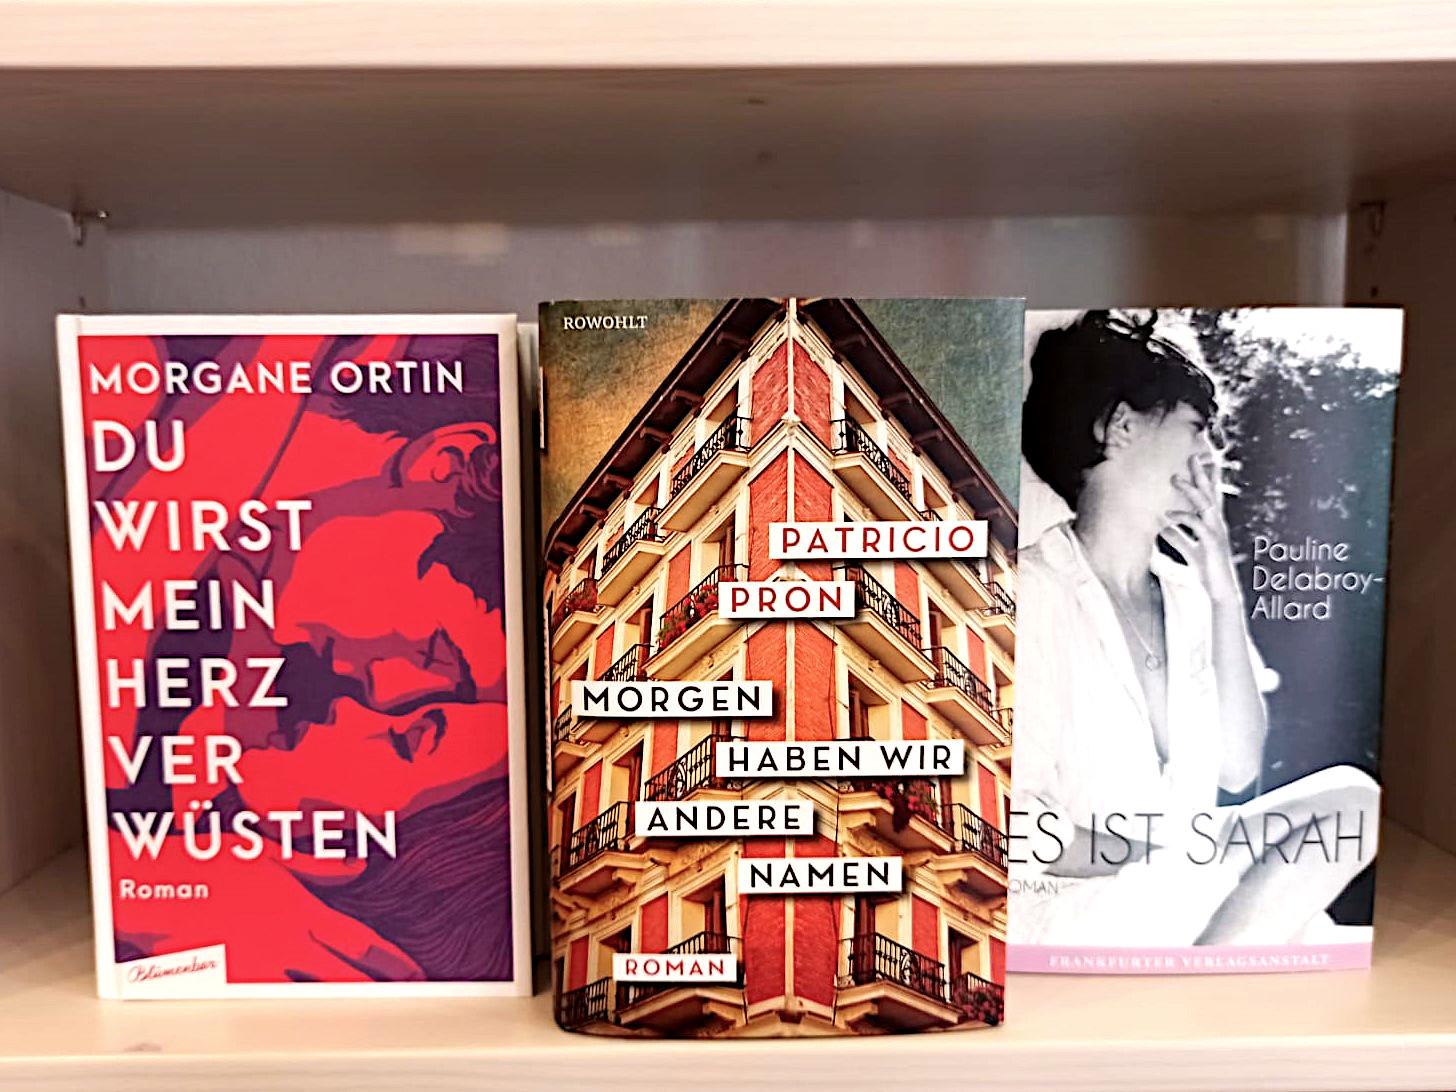 Habt ihr auch einen richtig schönen Liebesroman bei euch im Buchladen?